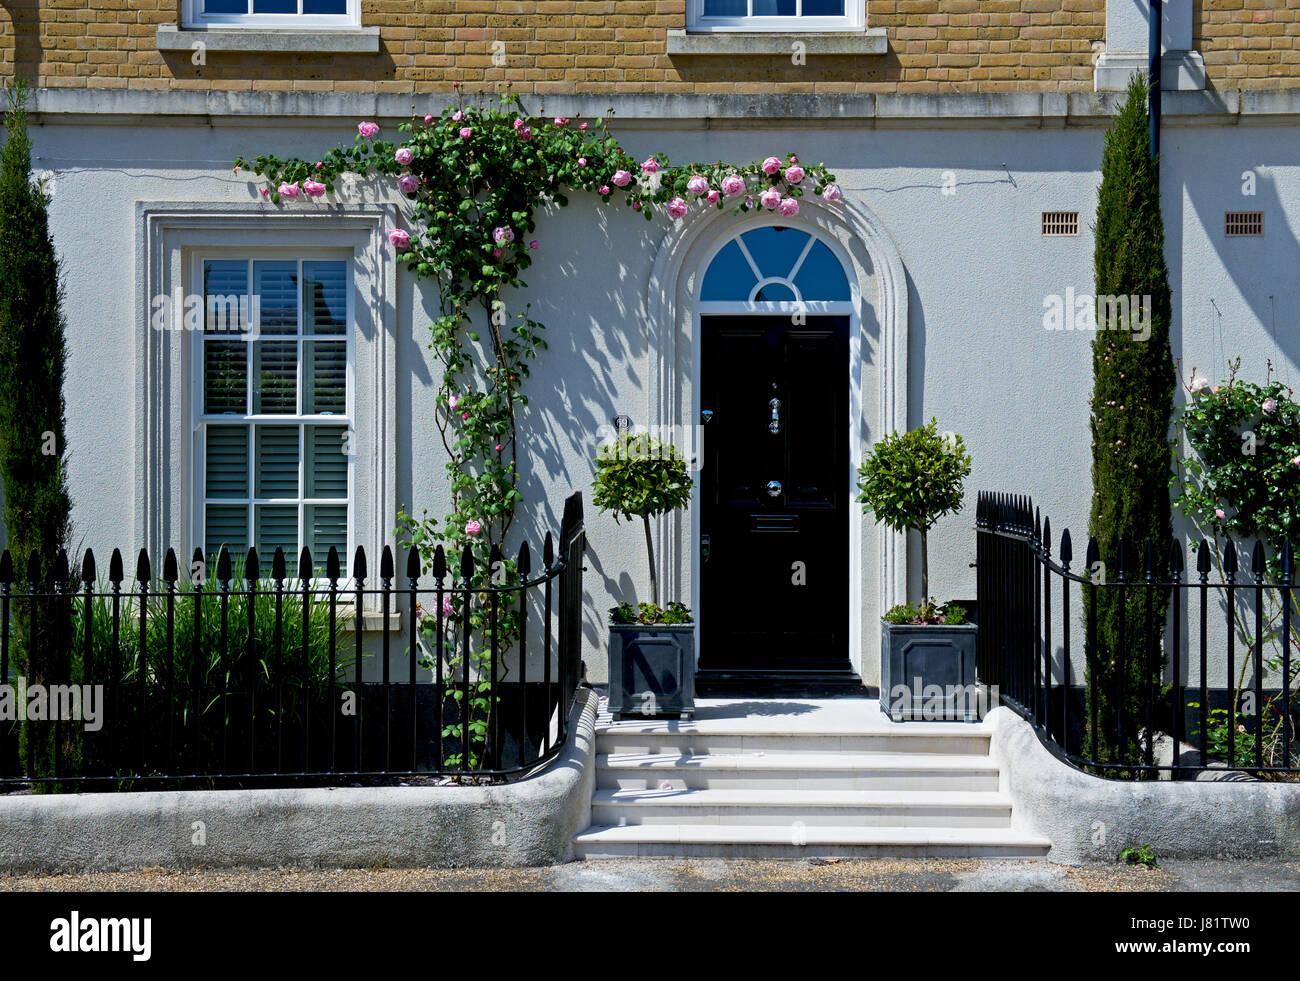 House in Poundbury, near Dorchester, Dorset, England UK - Stock Image